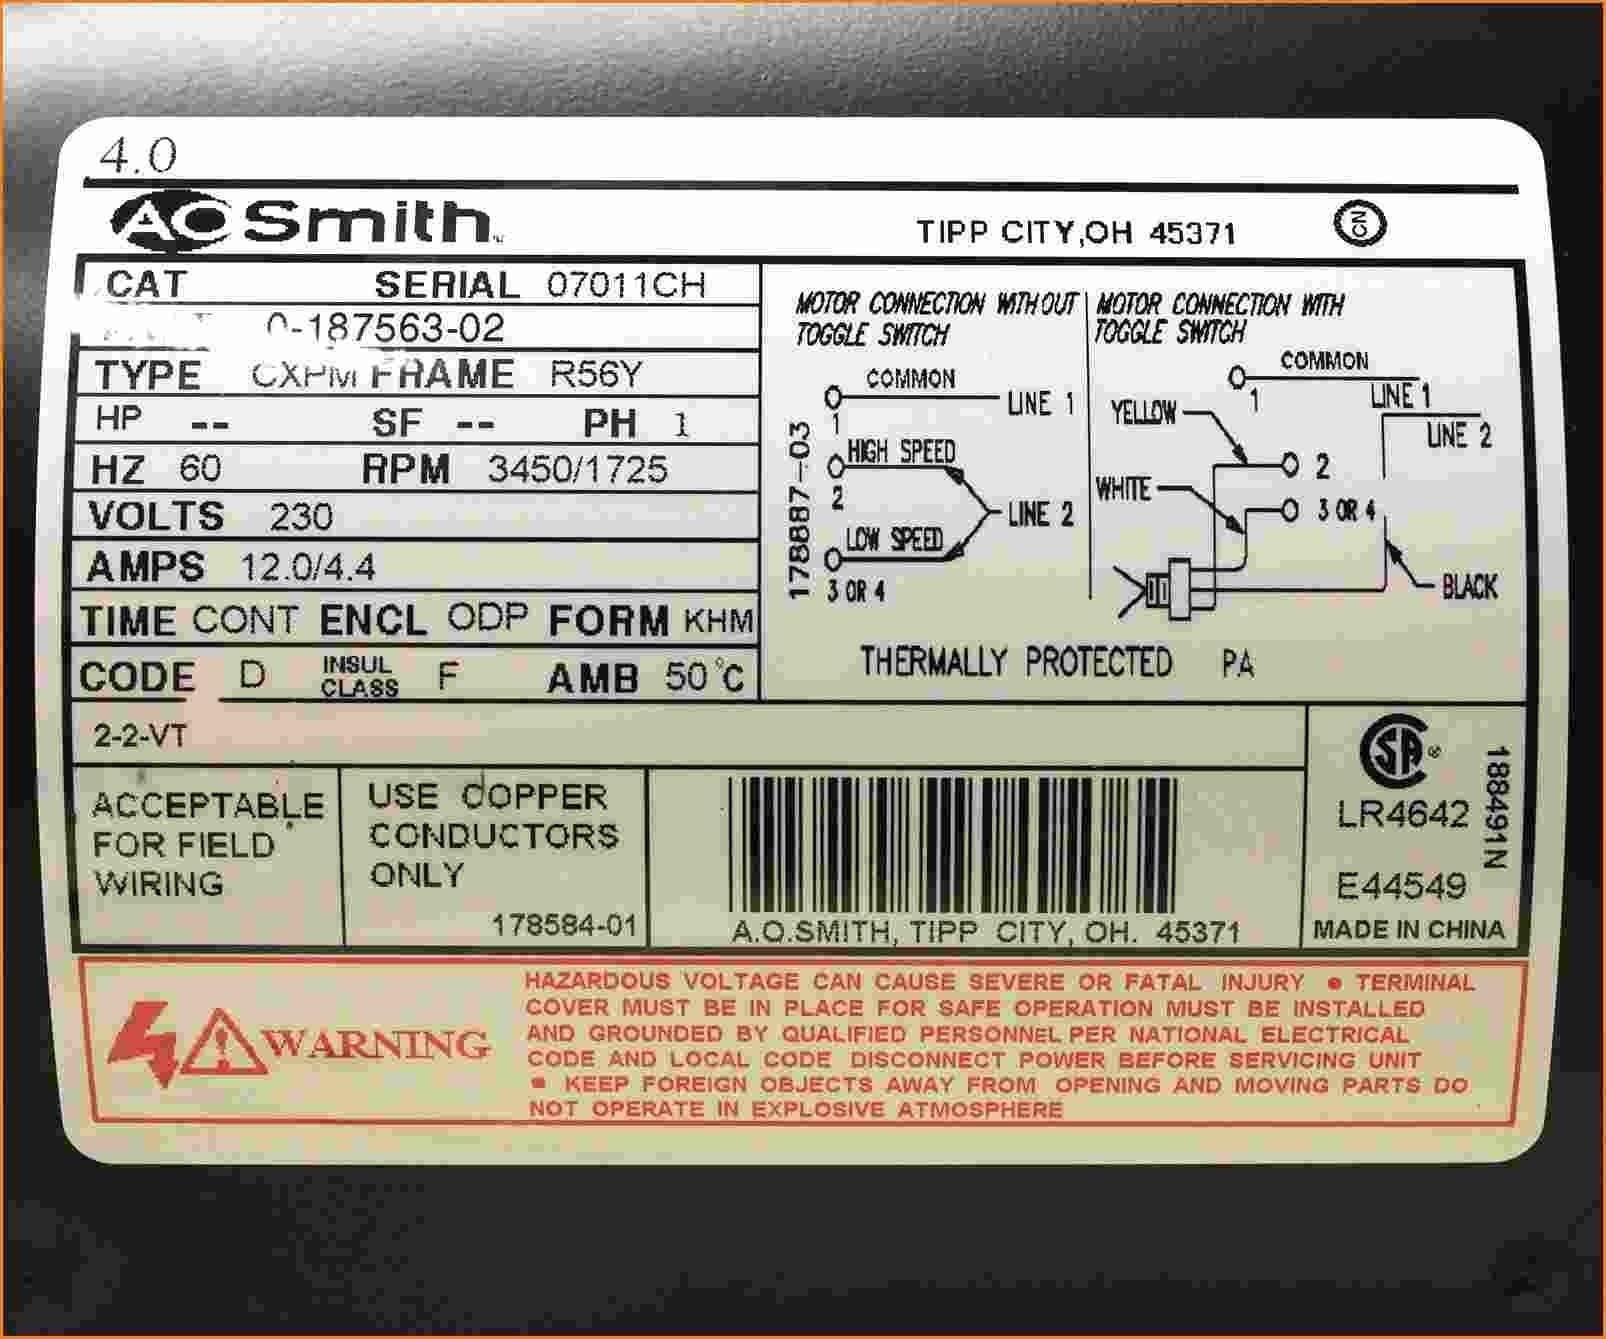 century 1 2 hp motor wiring diagram Download-Motor Nameplate Wiring Diagram New Motor Wiring Diagram Century Electric Motors 1 Hp Wiring Diagram 4-t